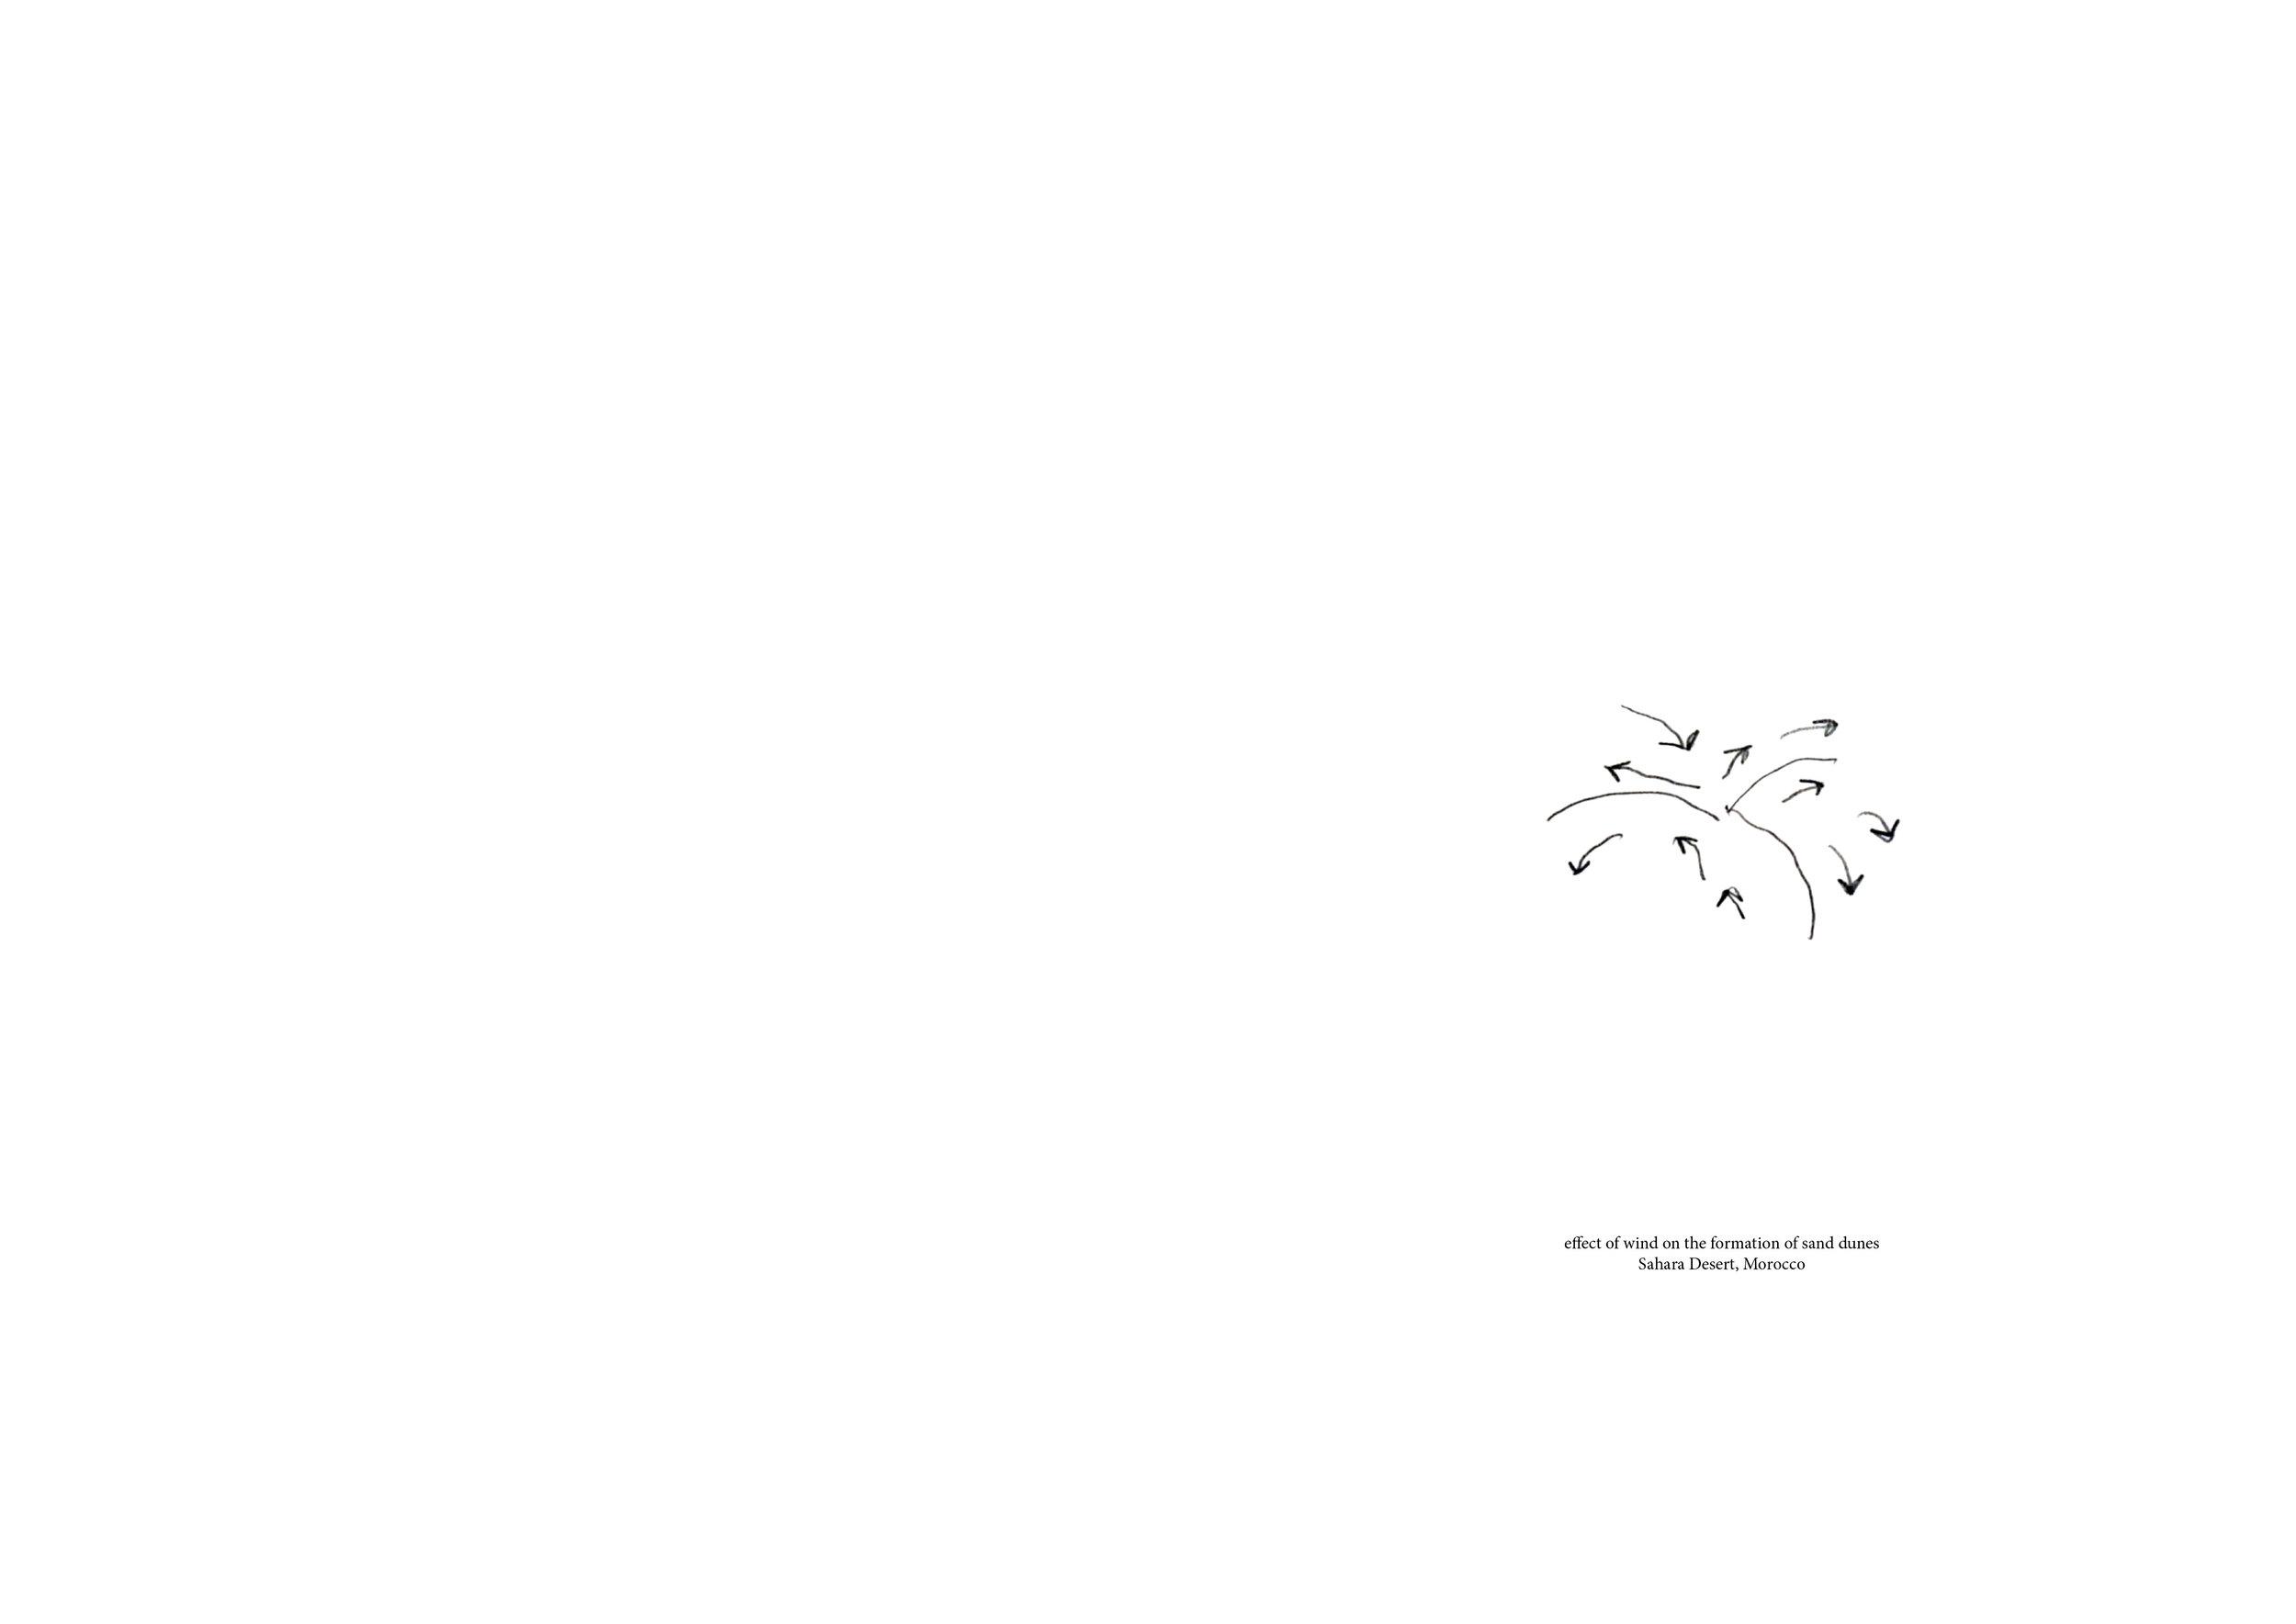 web diagram book print 33.jpg